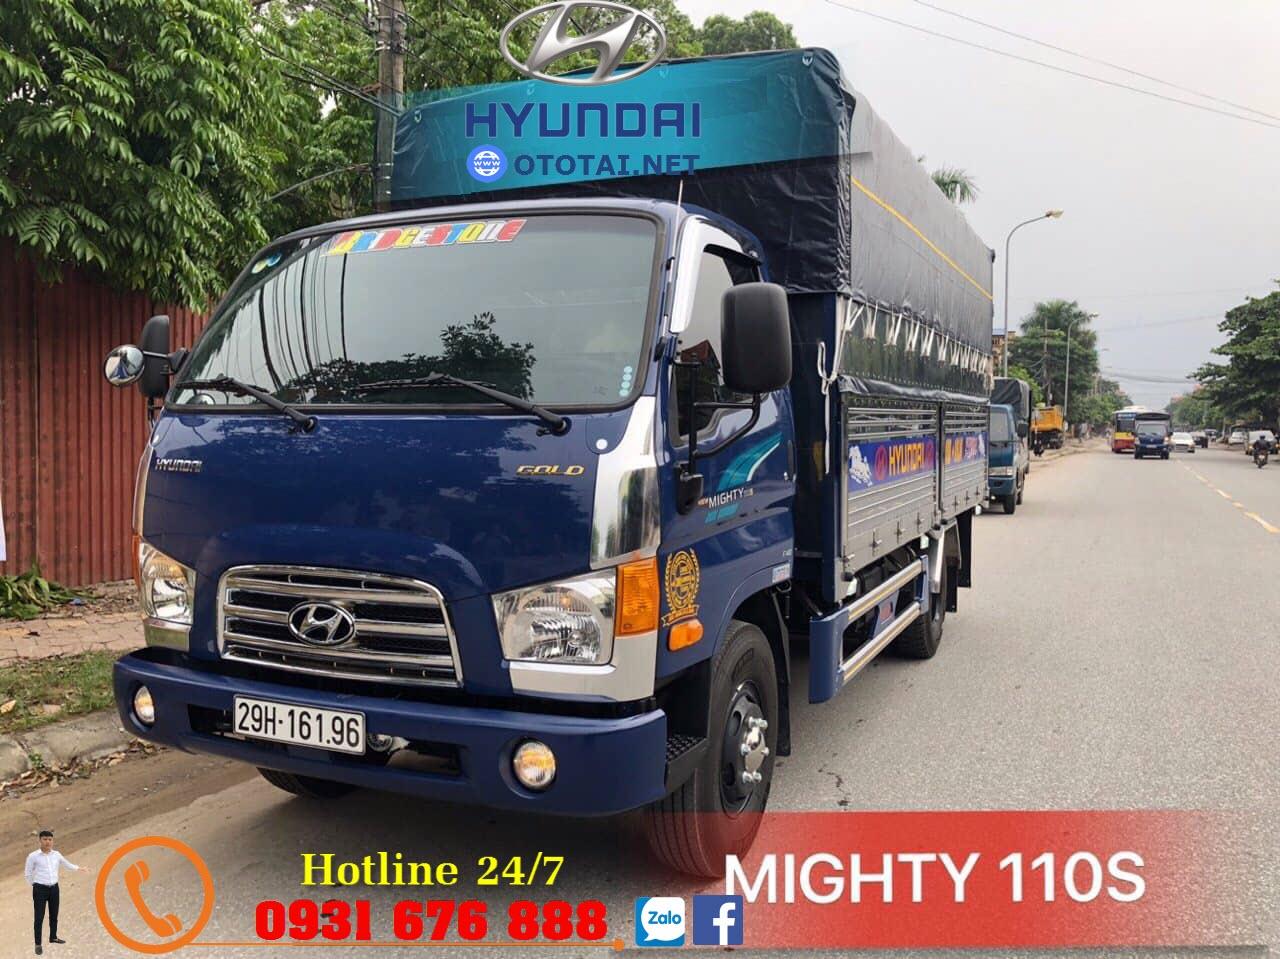 xe tải mighty 110s thành công